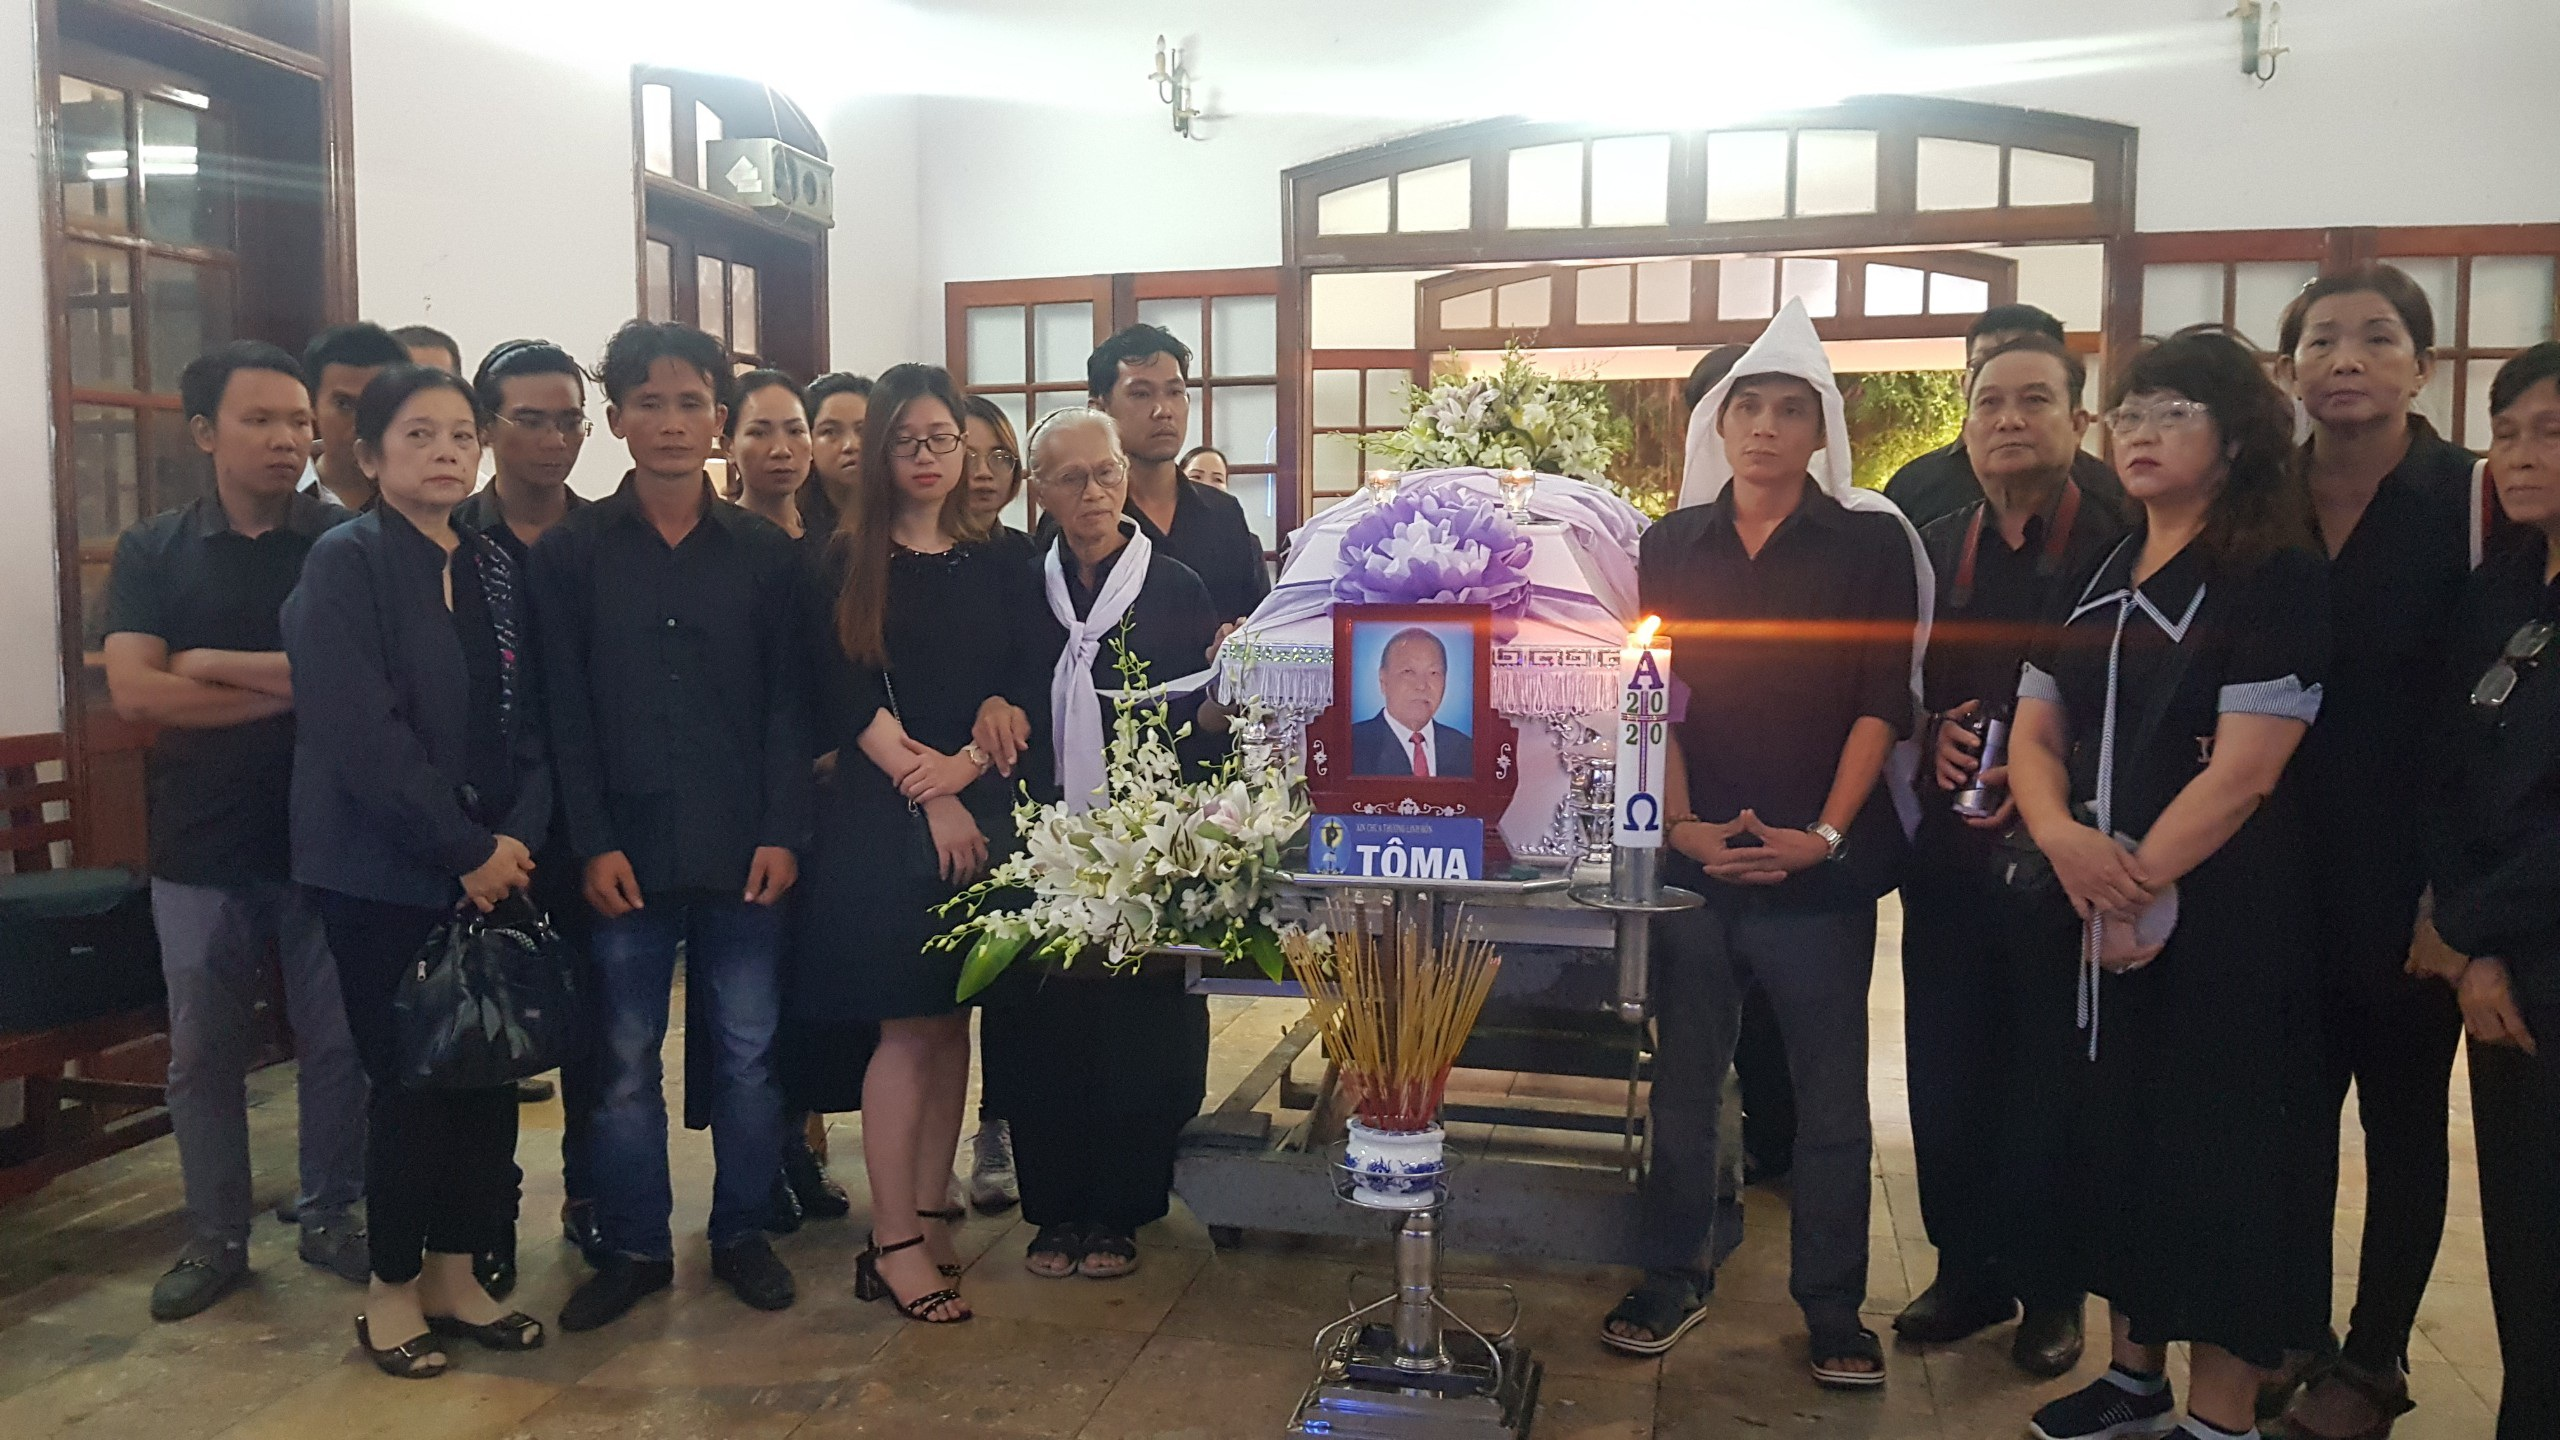 Gia đình, đồng nghiệp tiễn đưa nhạc sĩ Trần Quang Lộc trong cơn mưa tầm tã - 11